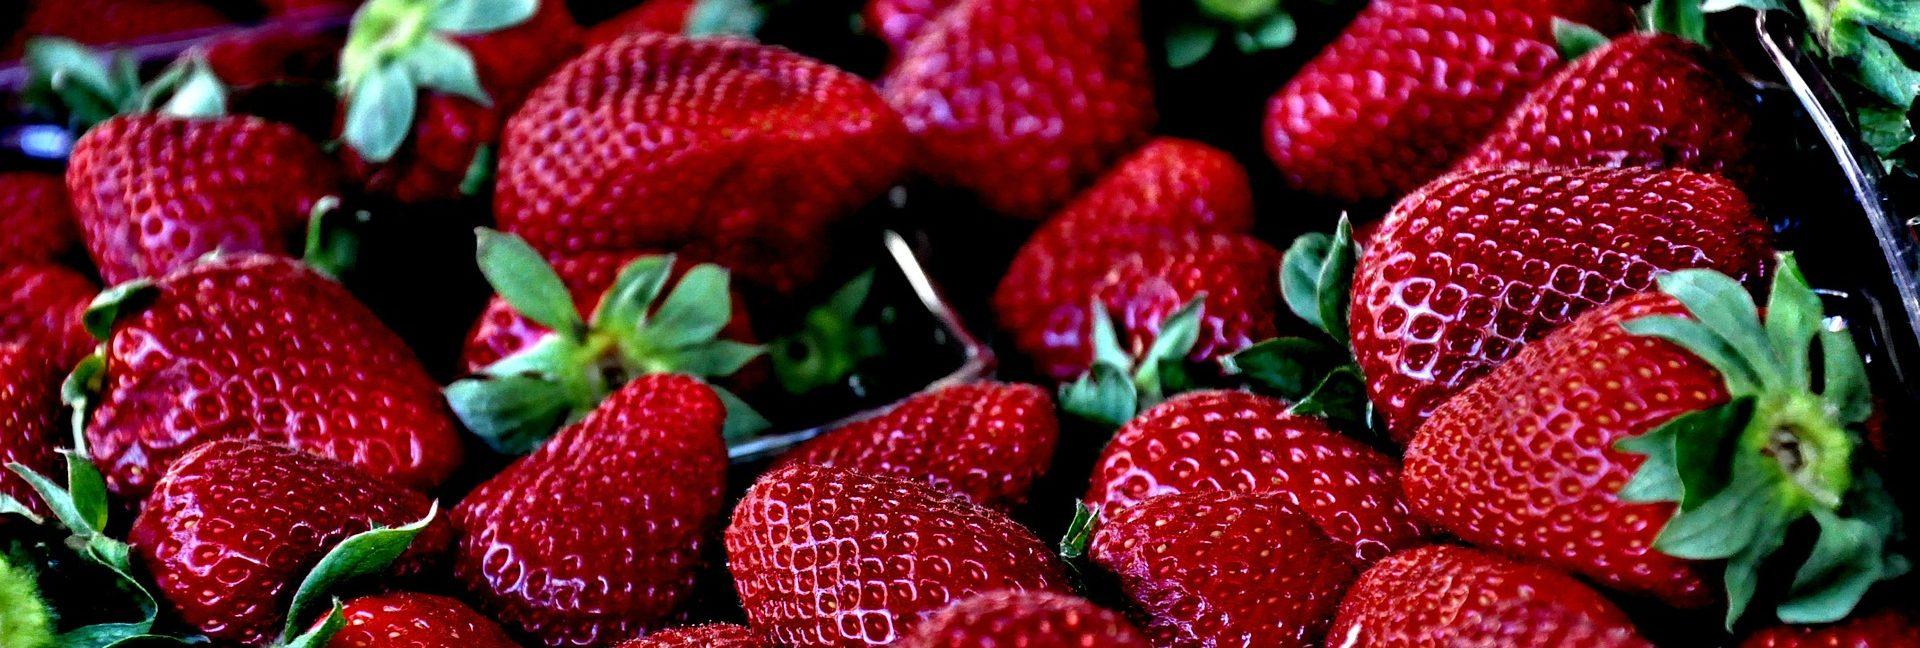 Truskawki najbardziej zatrutymi owocami świata